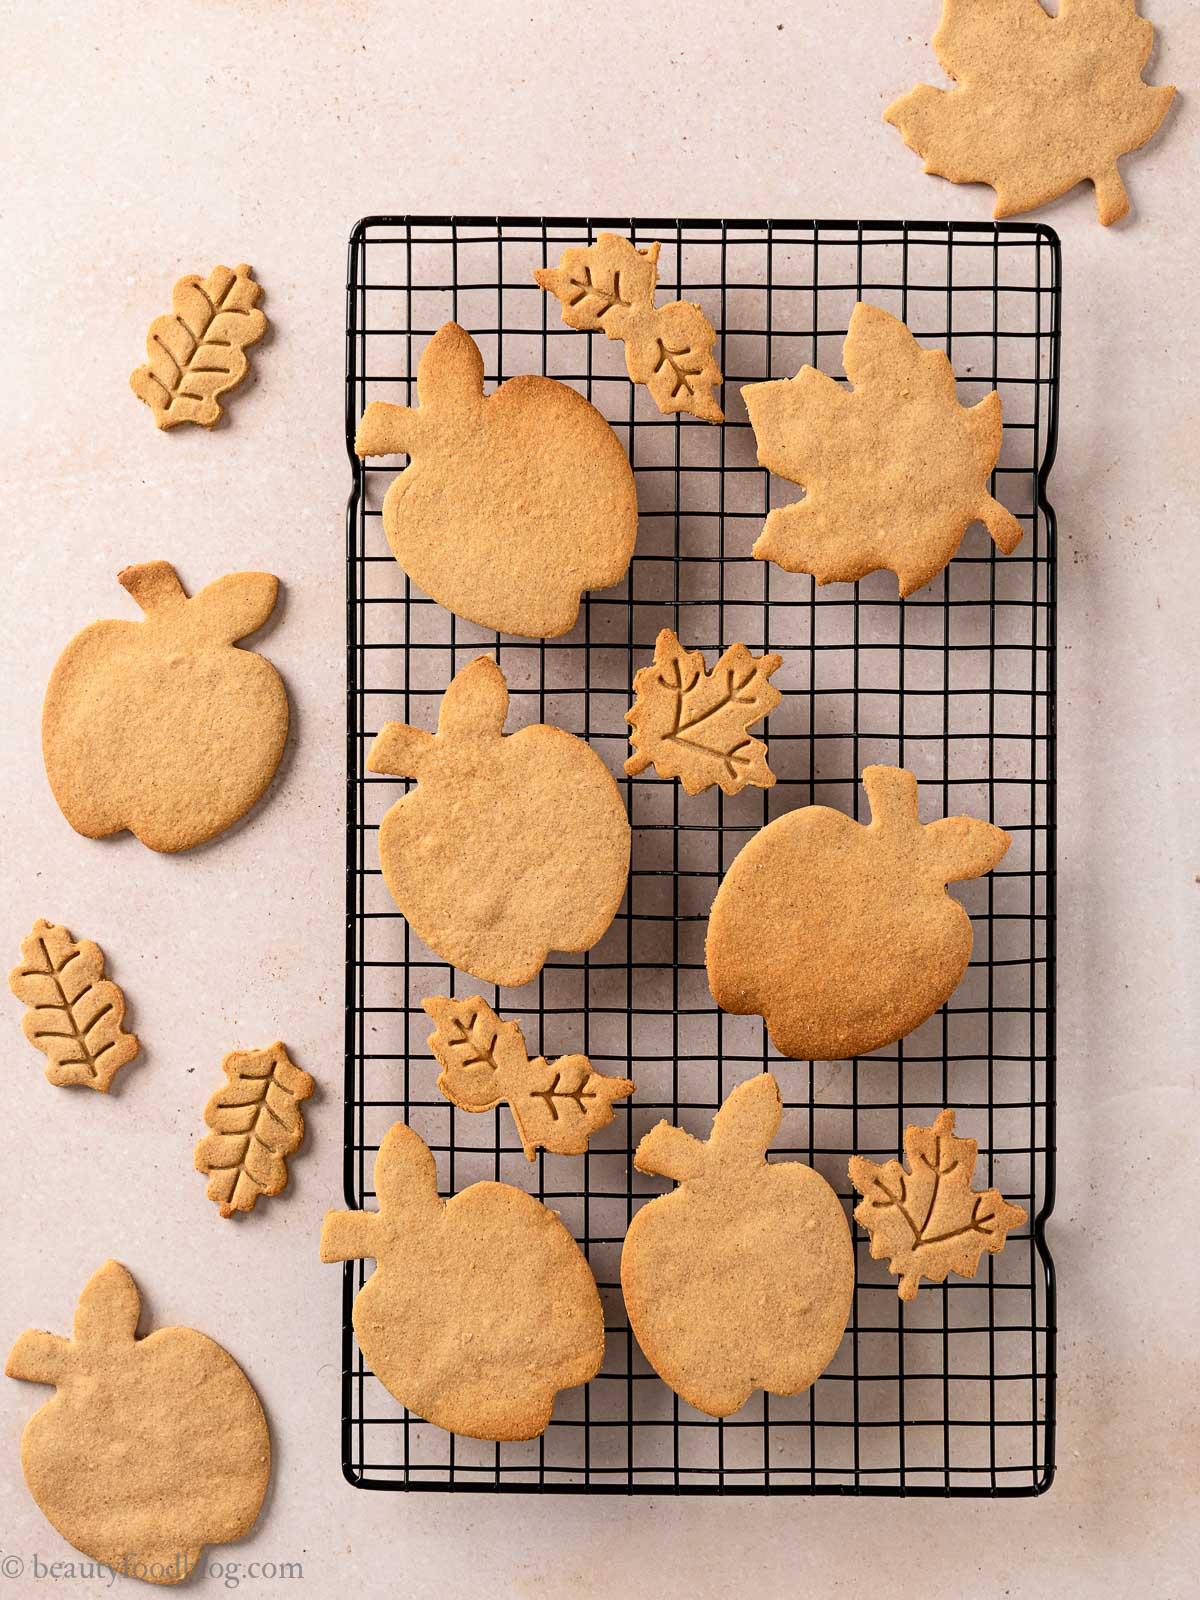 come fare i Biscotti Autunnali Senza Burro Senza Glutine vegani mele e sciroppo d'acero ricetta how to make gluten-free vegan maple cookies with applesauce shortbread cookies